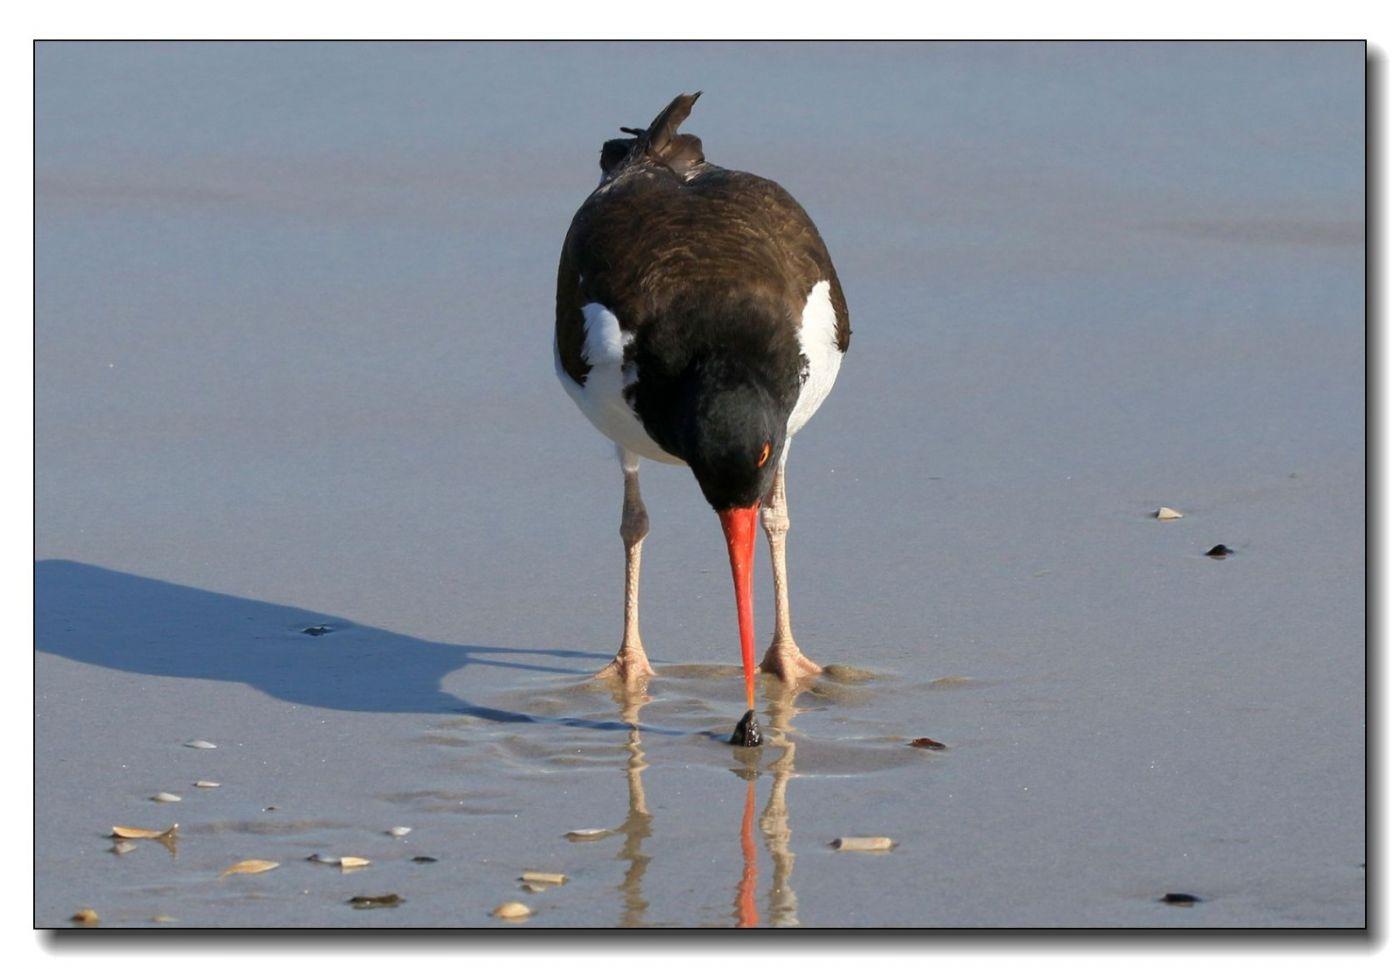 洛克威海滩拍鸟—励鹬_图1-13